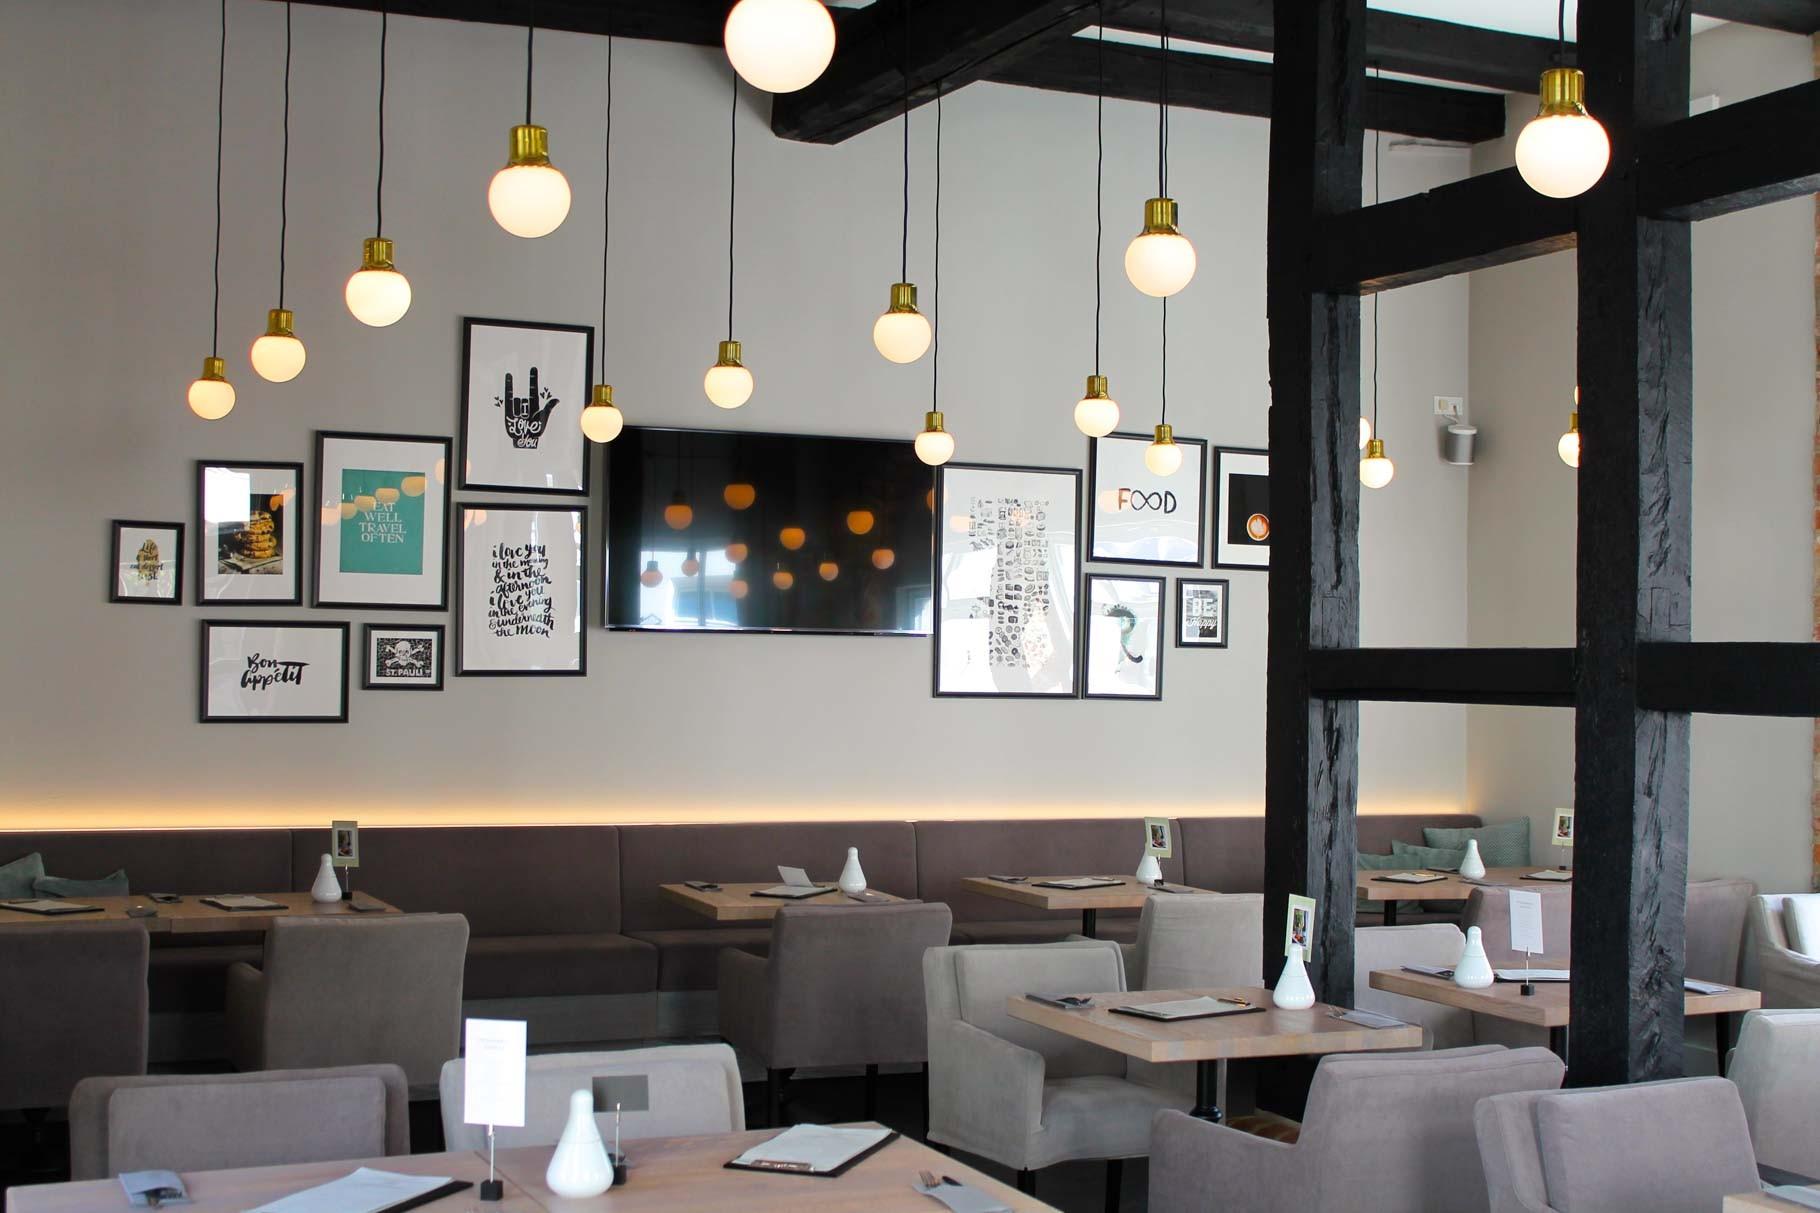 restaurant caf catering l neburg r hms deli. Black Bedroom Furniture Sets. Home Design Ideas